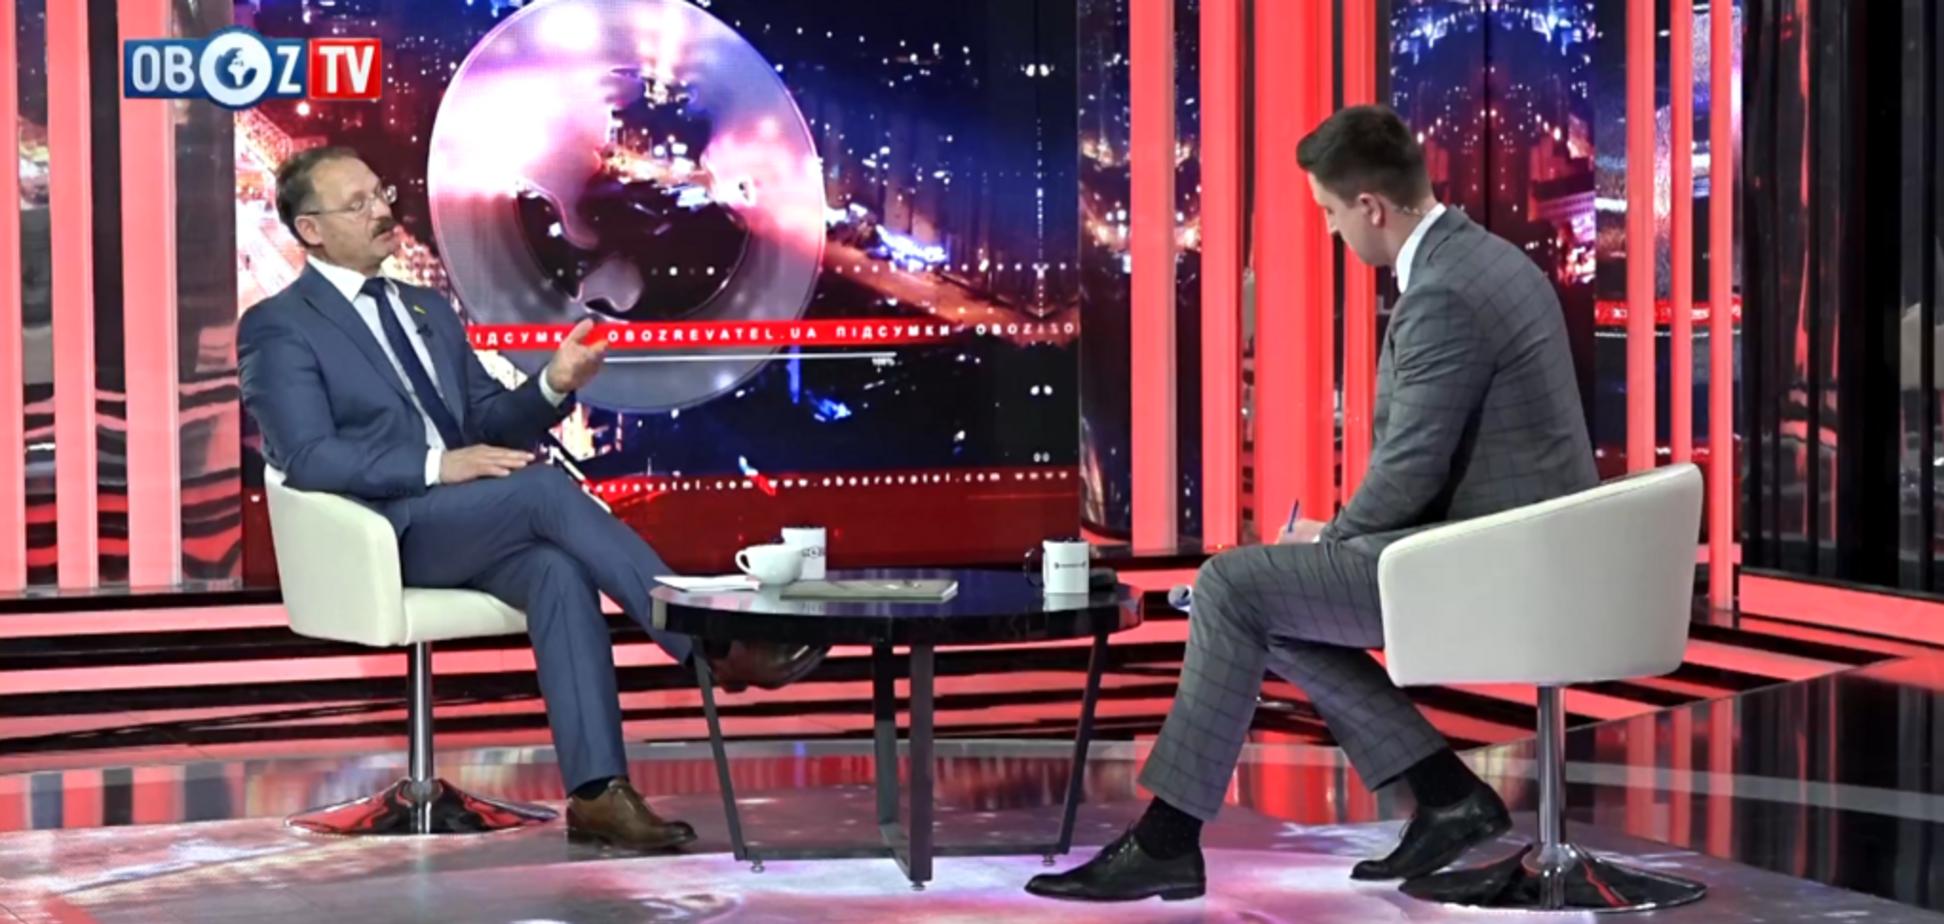 Стремятся к реваншу: Олег Барна прокомментировал заявления экс-регионалов в Украине и России